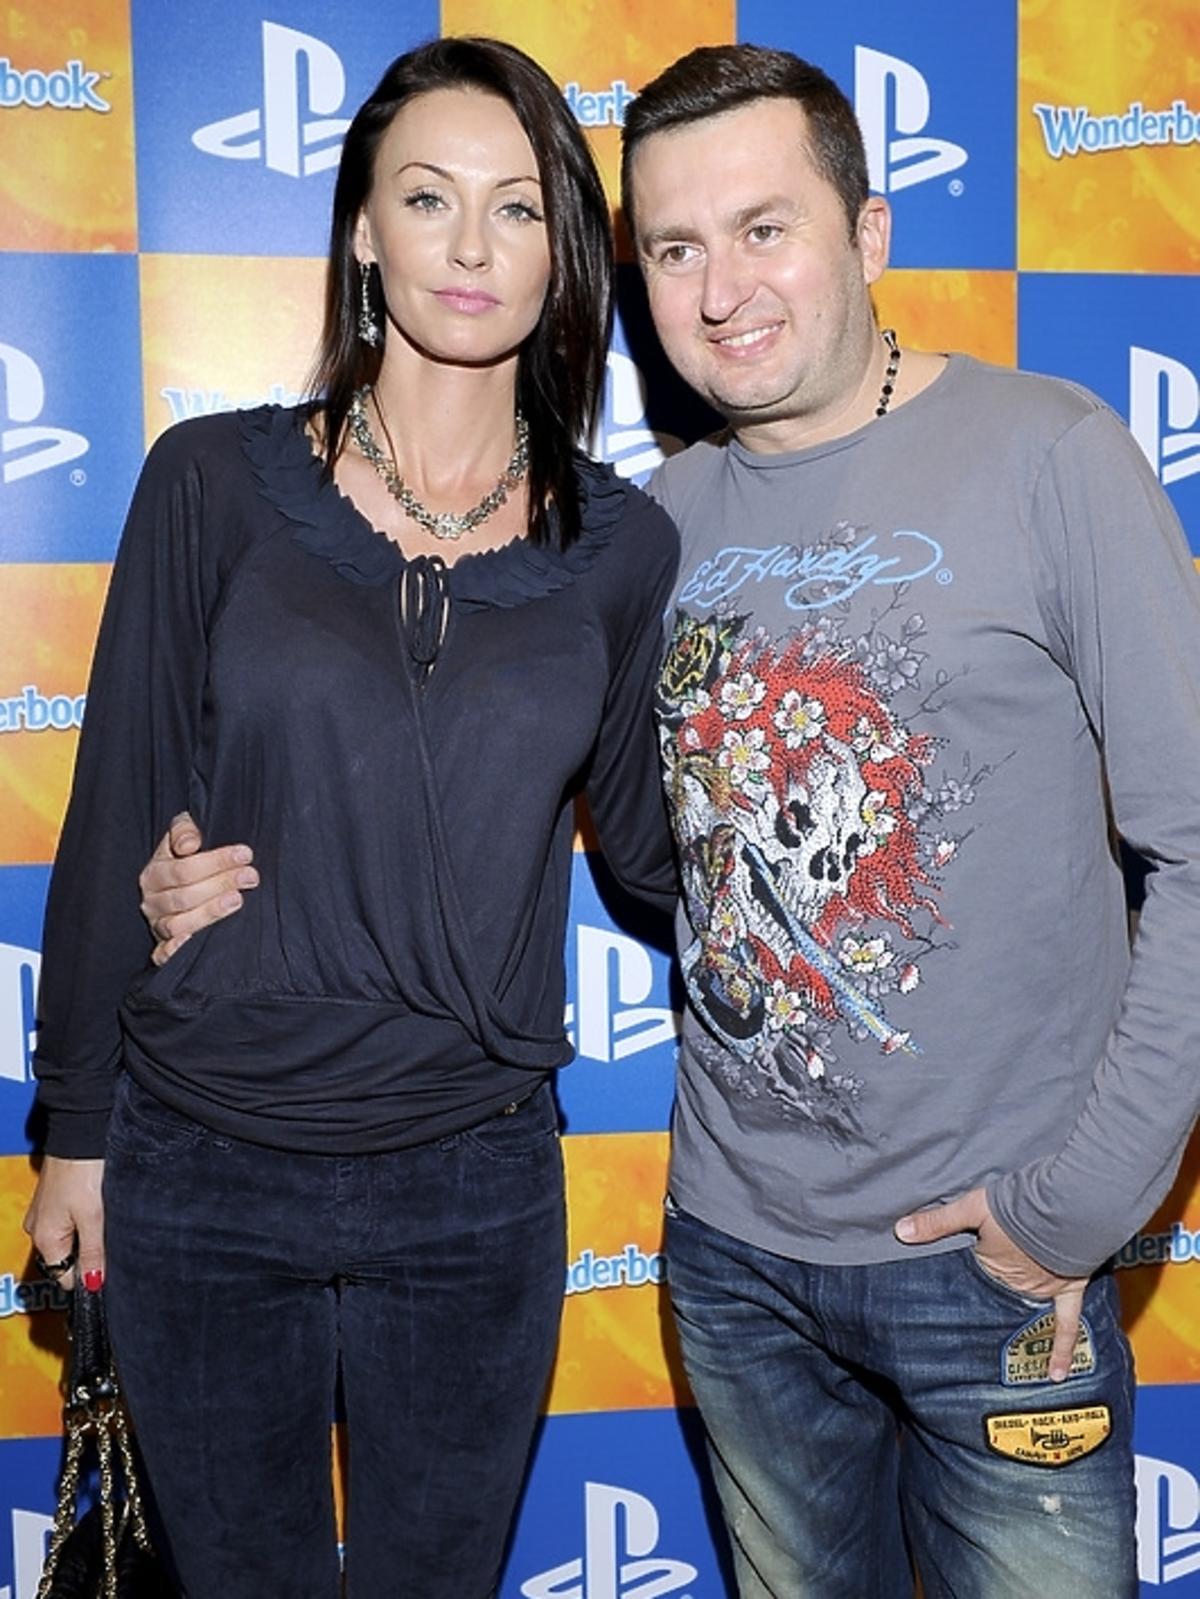 Norbi z żoną na premierze PlayStation 3 - Wonderbook: Księga Czarów